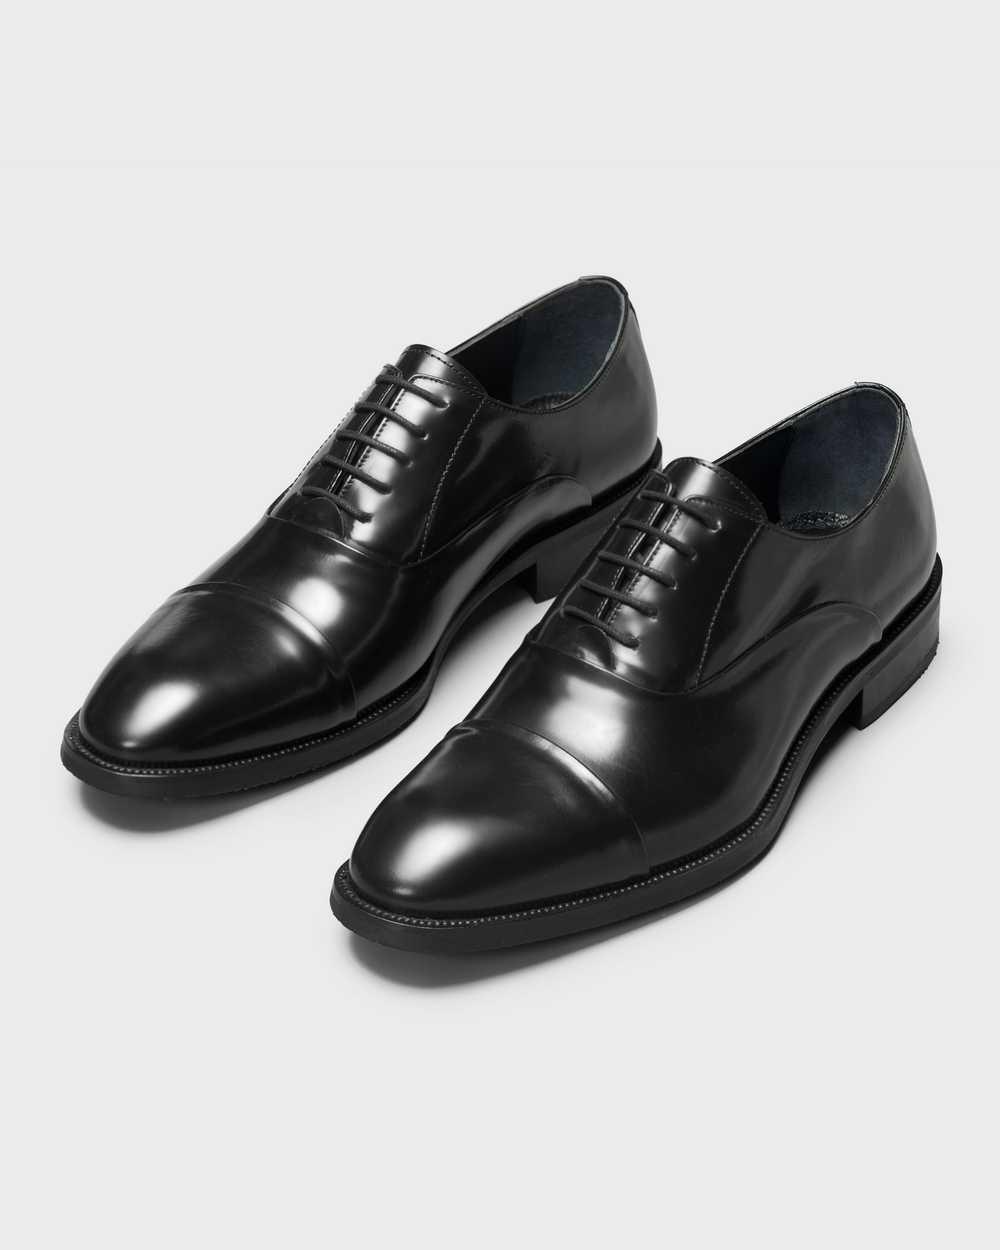 Туфли мужские оксфорды черные, глянцевая кожа, с отрезным мысом